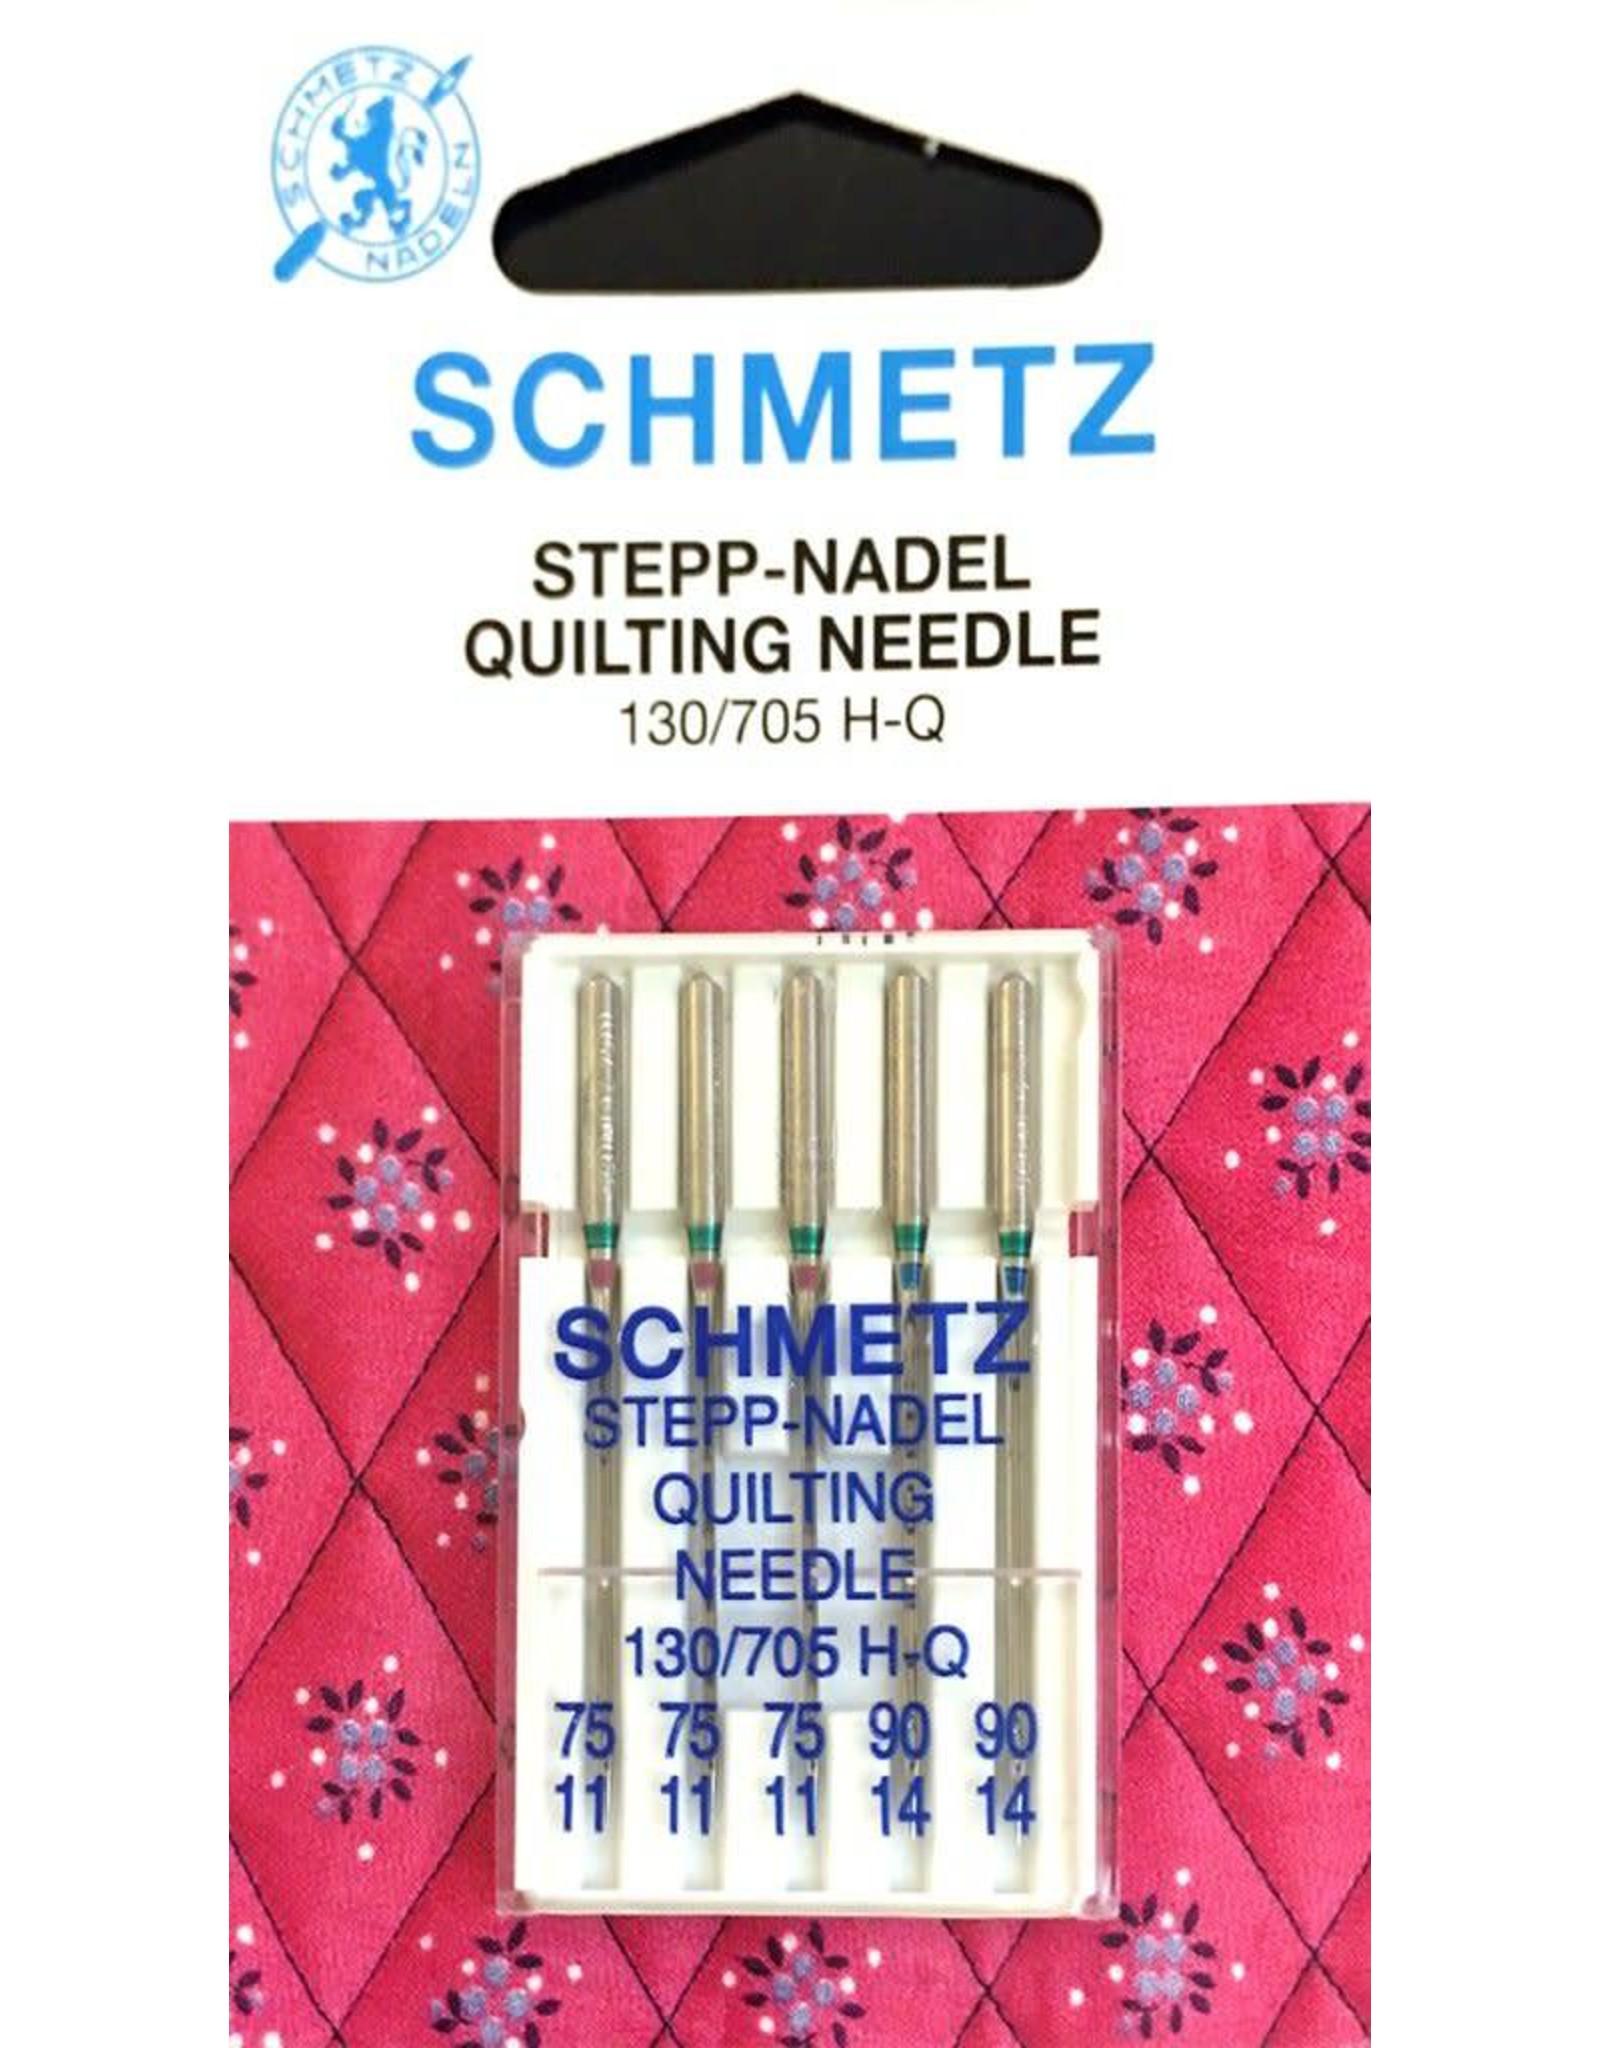 Schmetz Quiltnaald - 130/705 H-Q - 75/90 ass.